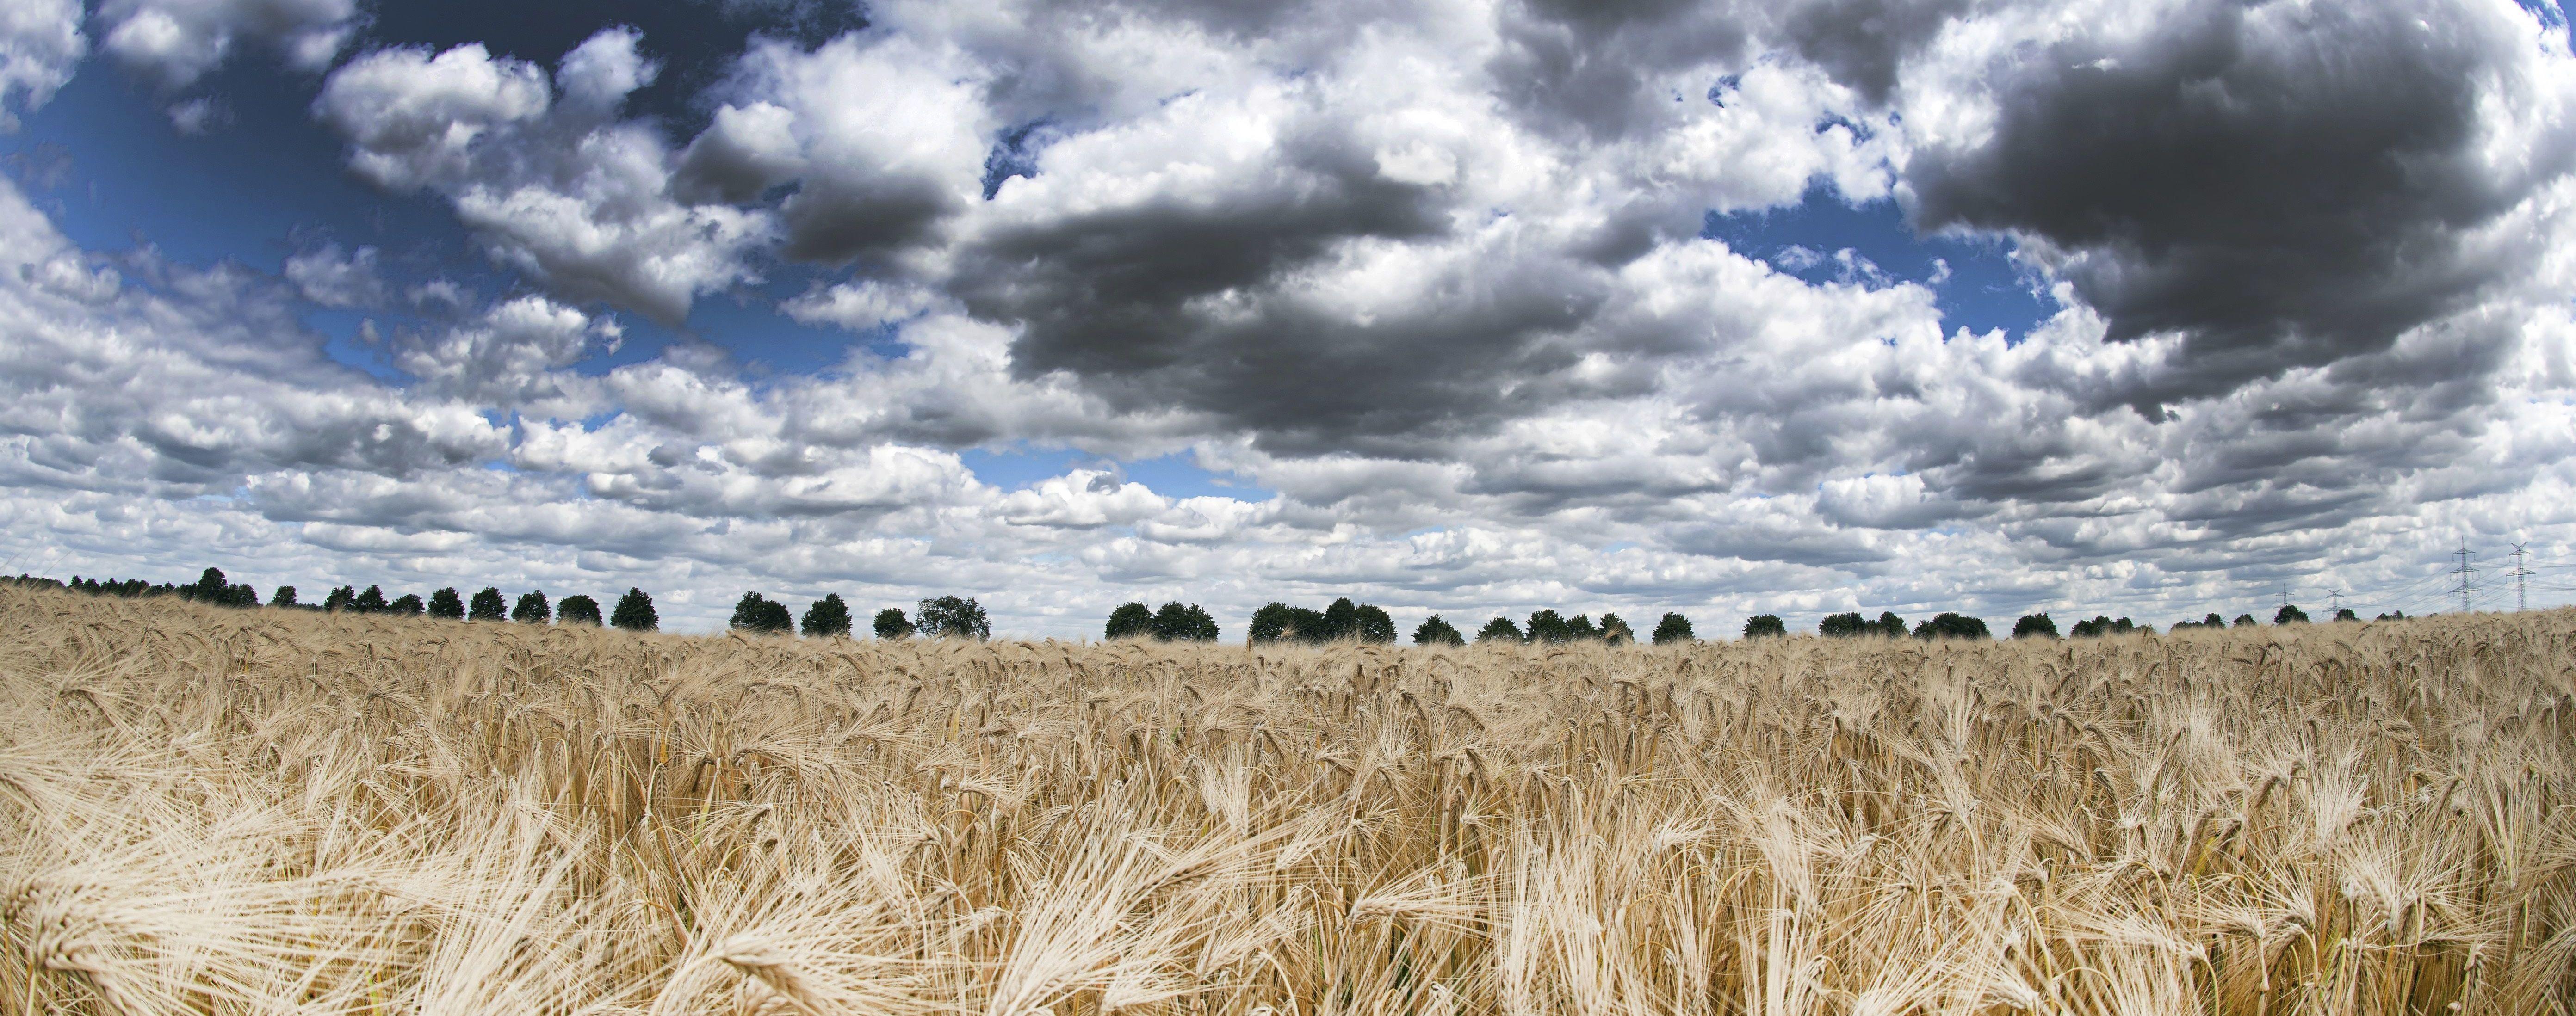 Прогноз погоди на 23 липня: дощі та грози майже пішли з України